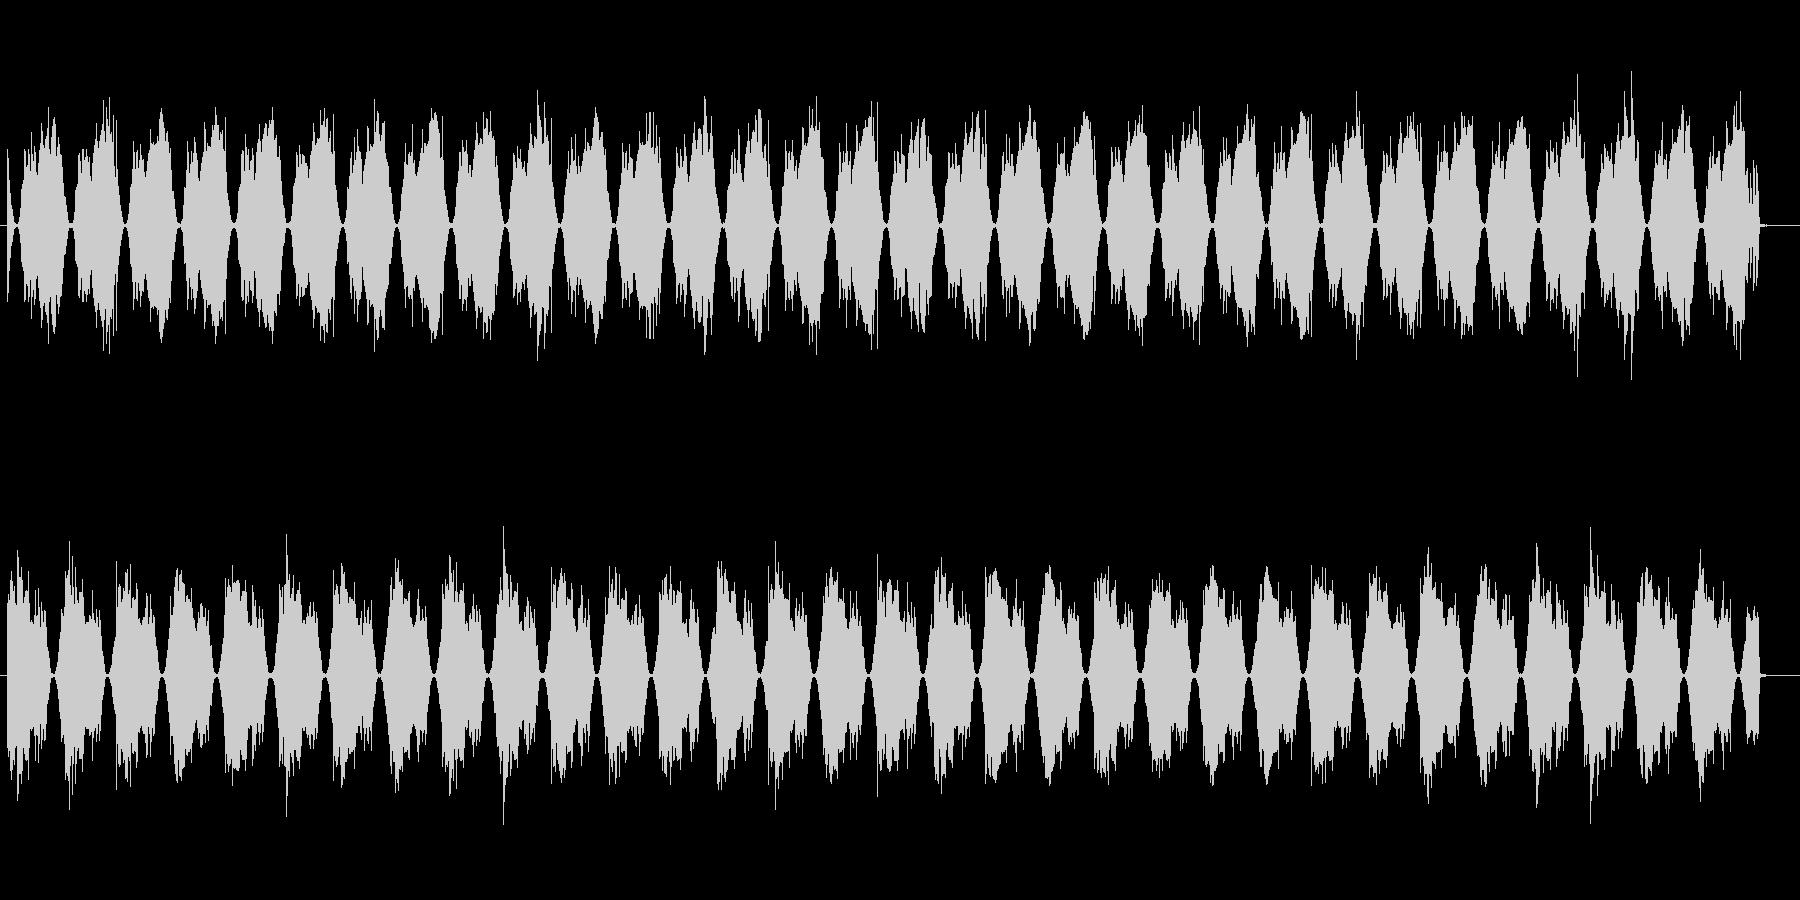 テクニカルで重厚感あるギターサウンドの未再生の波形